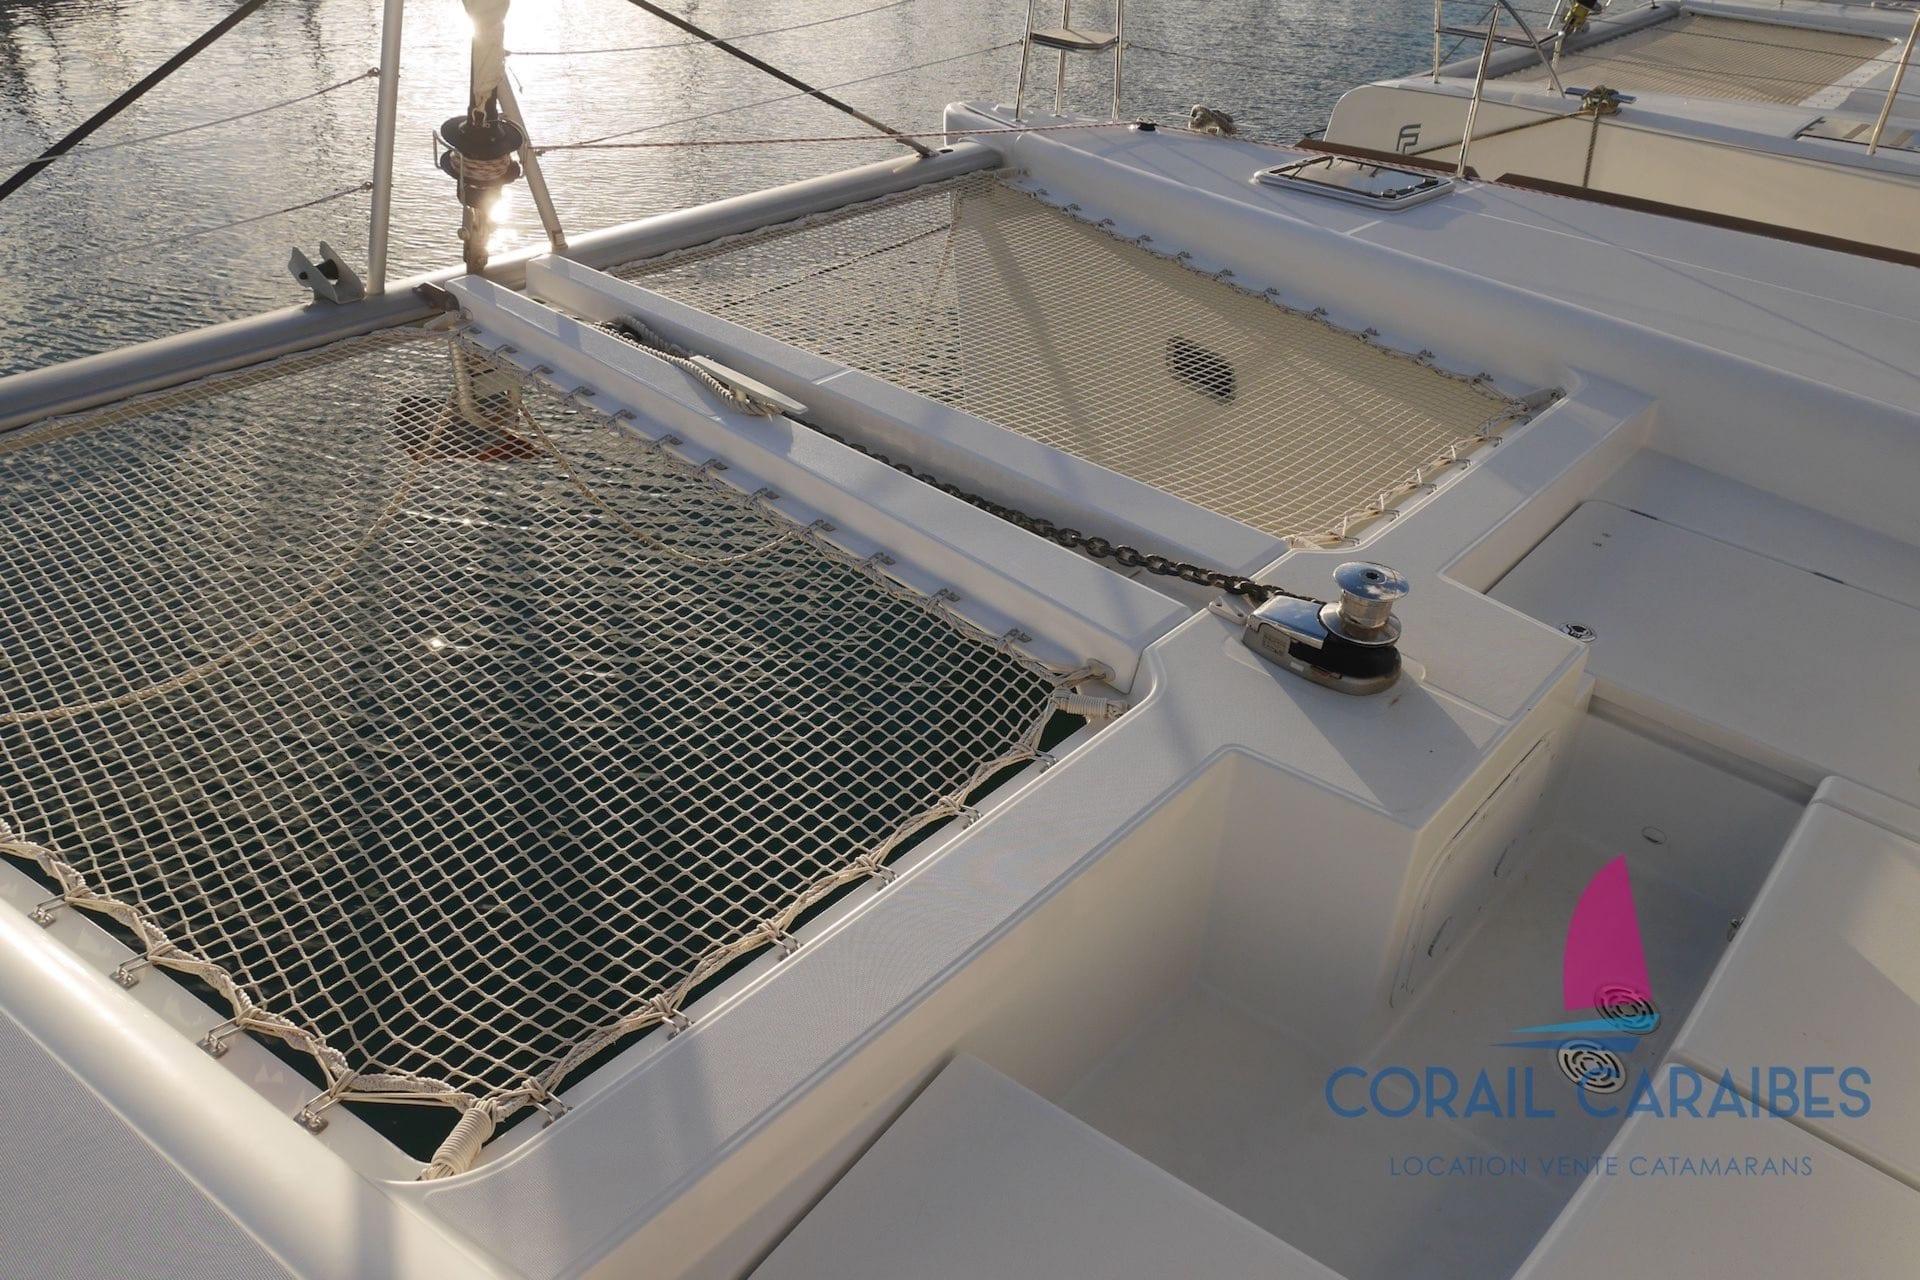 Lagoon-450-Sportop-Corail-Caraibes-2